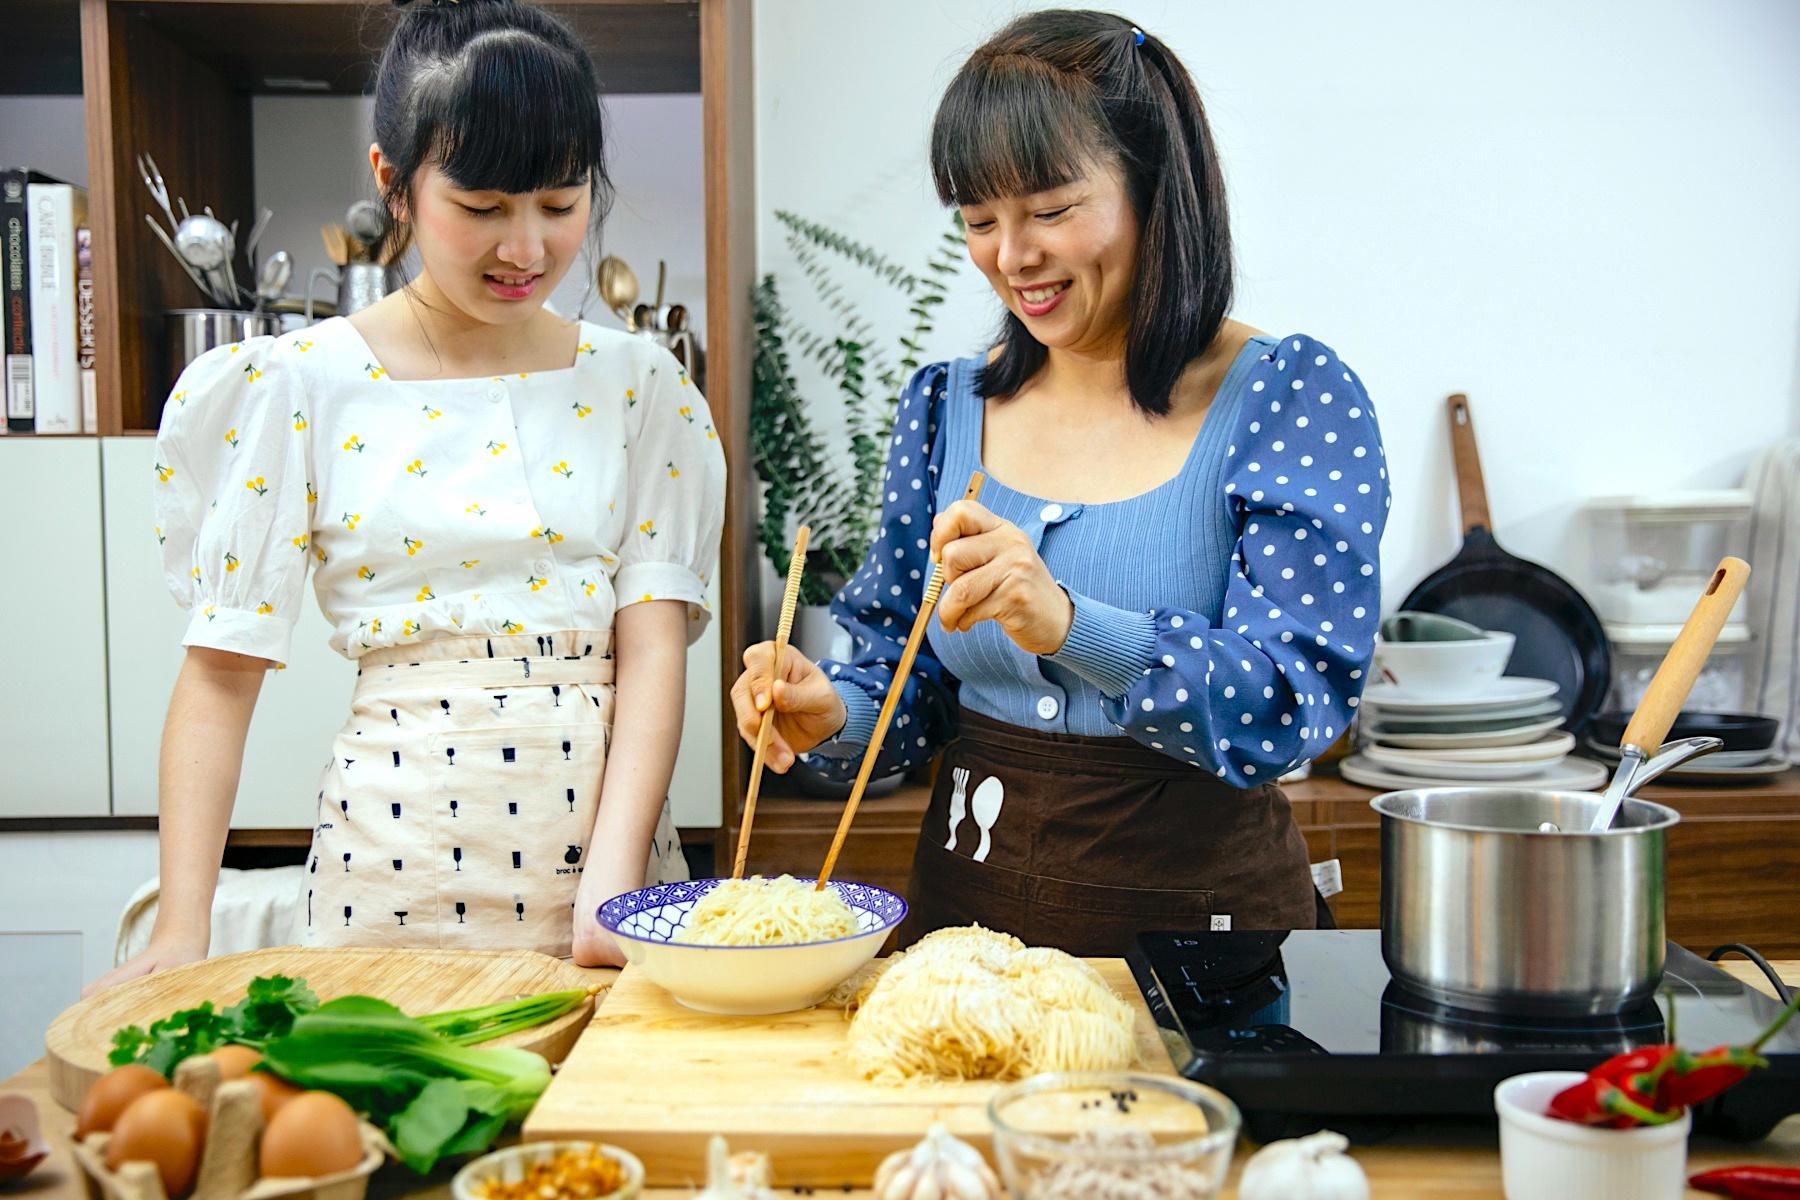 【台中廚藝教室推薦】跟著主廚做出美味料理!5間台中烹飪課程熱門教室整理